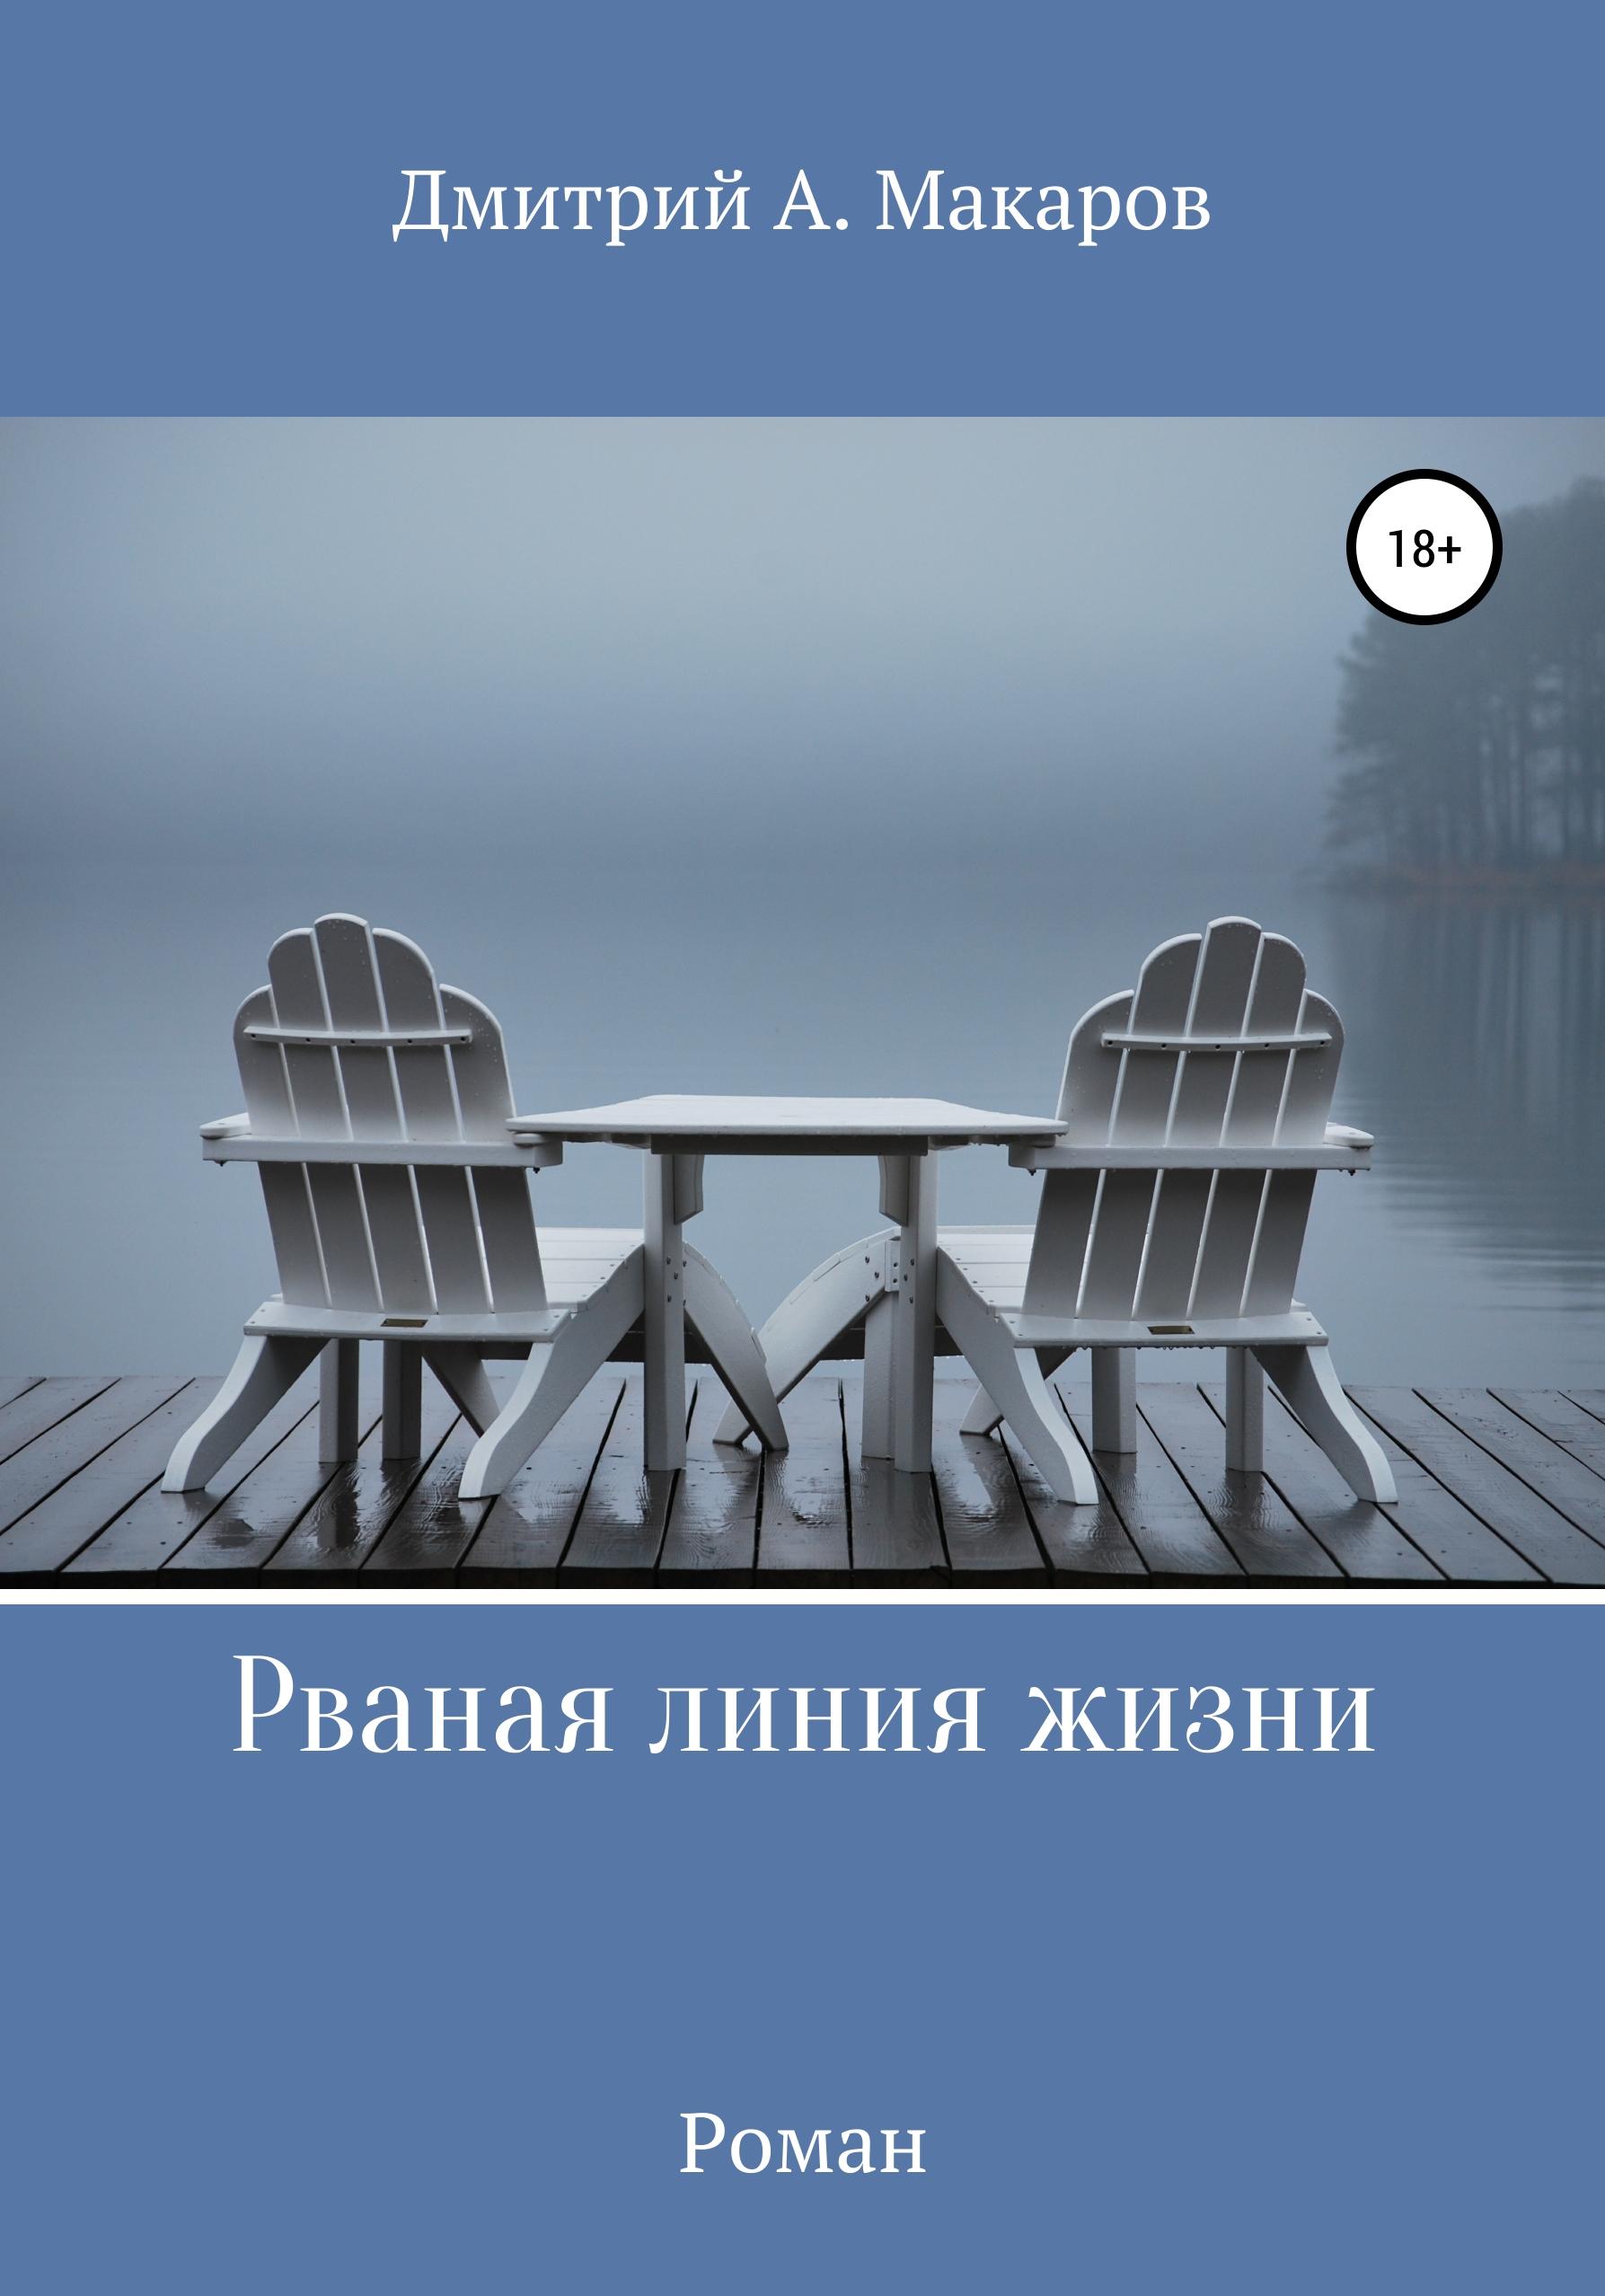 Купить книгу Рваная линия жизни, автора Дмитрия А. Макарова